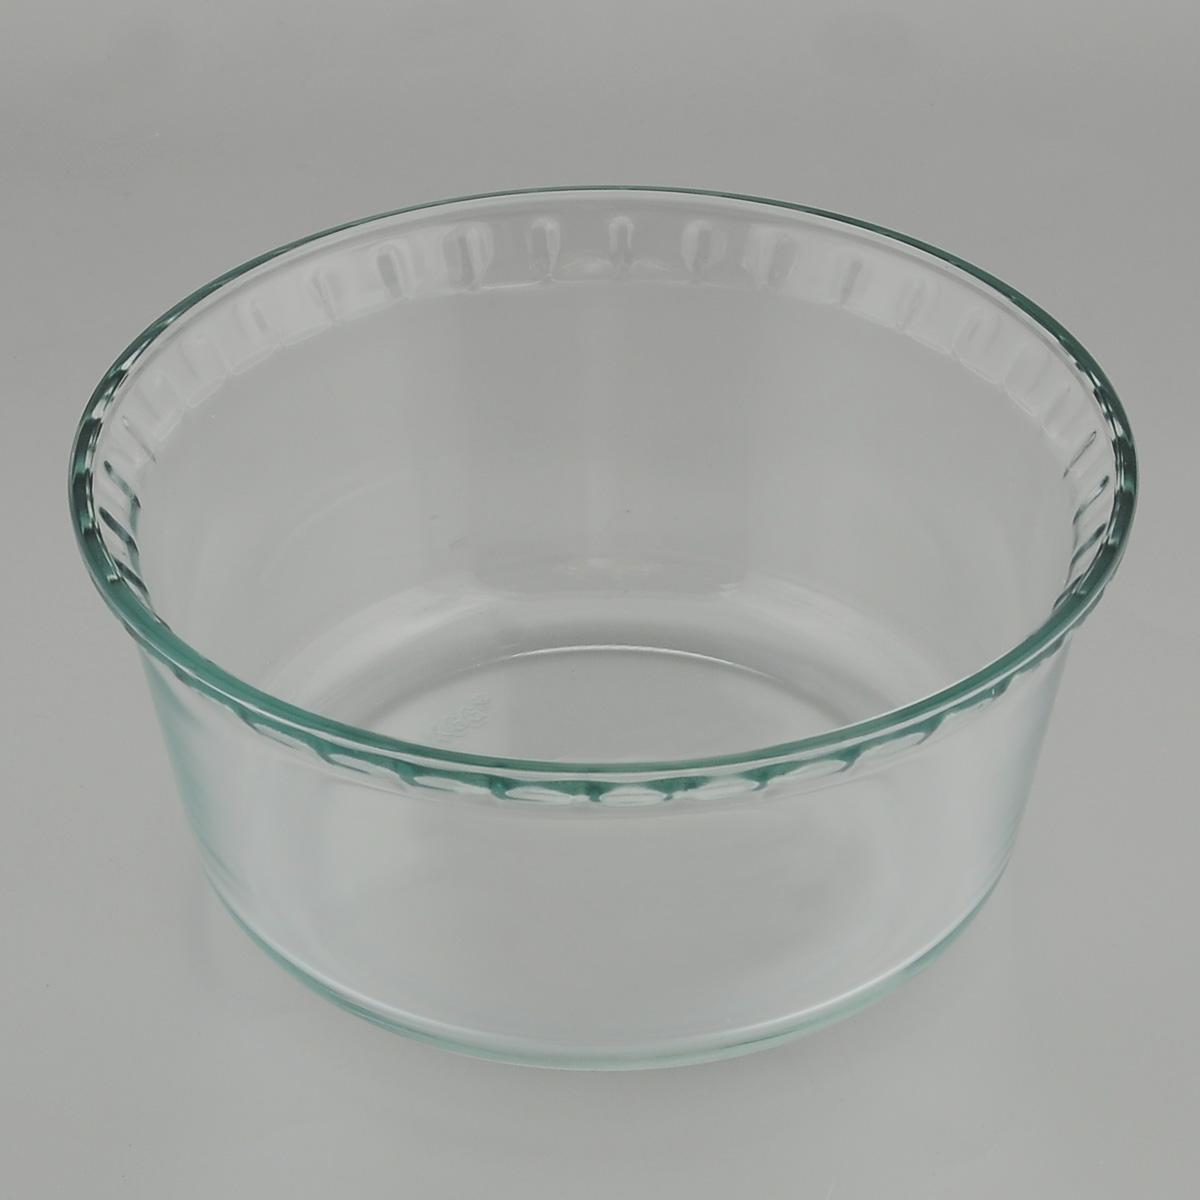 Форма для запекания Mijotex, круглая, диаметр 21 см391602Глубокая круглая форма для запекания Mijotex изготовлена из жаропрочного стекла, которое выдерживает температуру до +450°С. Форма предназначена для приготовления горячих блюд. Материал изделия гигиеничен, прост в уходе и обладает высокой степенью прочности. Форма идеально подходит для использования в духовках, микроволновых печах, холодильниках и морозильных камерах. Также ее можно использовать на газовых плитах (на слабом огне) и на электроплитах. Можно мыть в посудомоечной машине.Диаметр формы: 21 см.Высота стенки формы: 10 см.